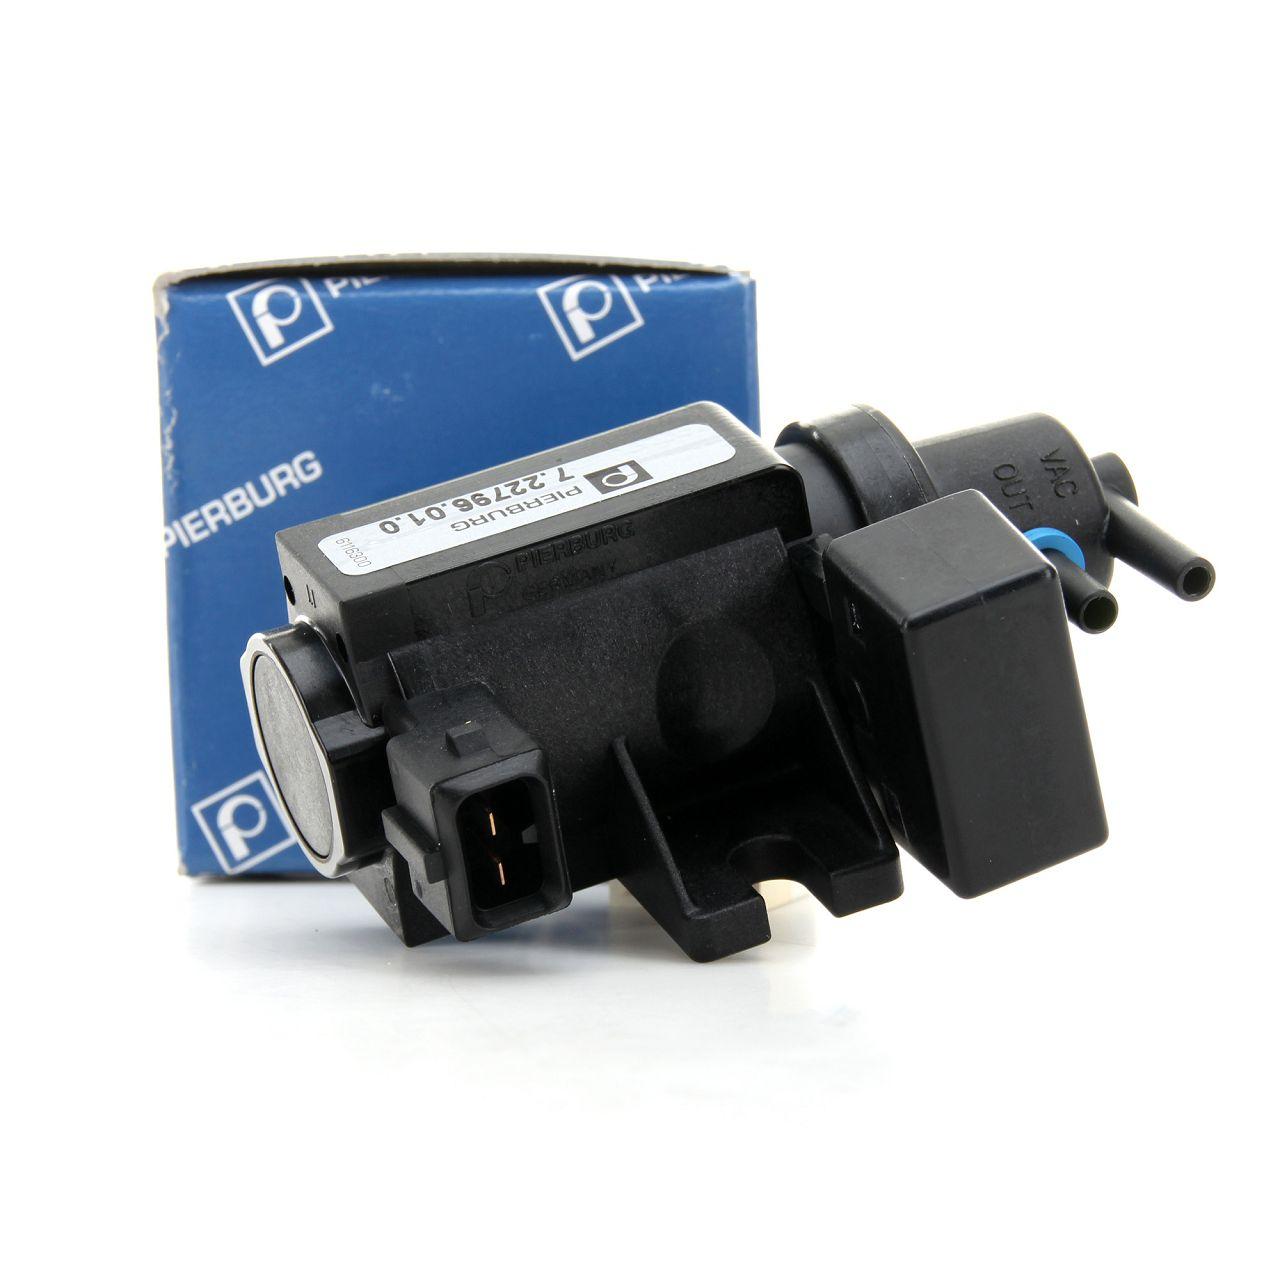 PIERBURG Druckwandler Magnetventil Turbolader BMW 1er E81 3er E46 E90 5er E60 X3